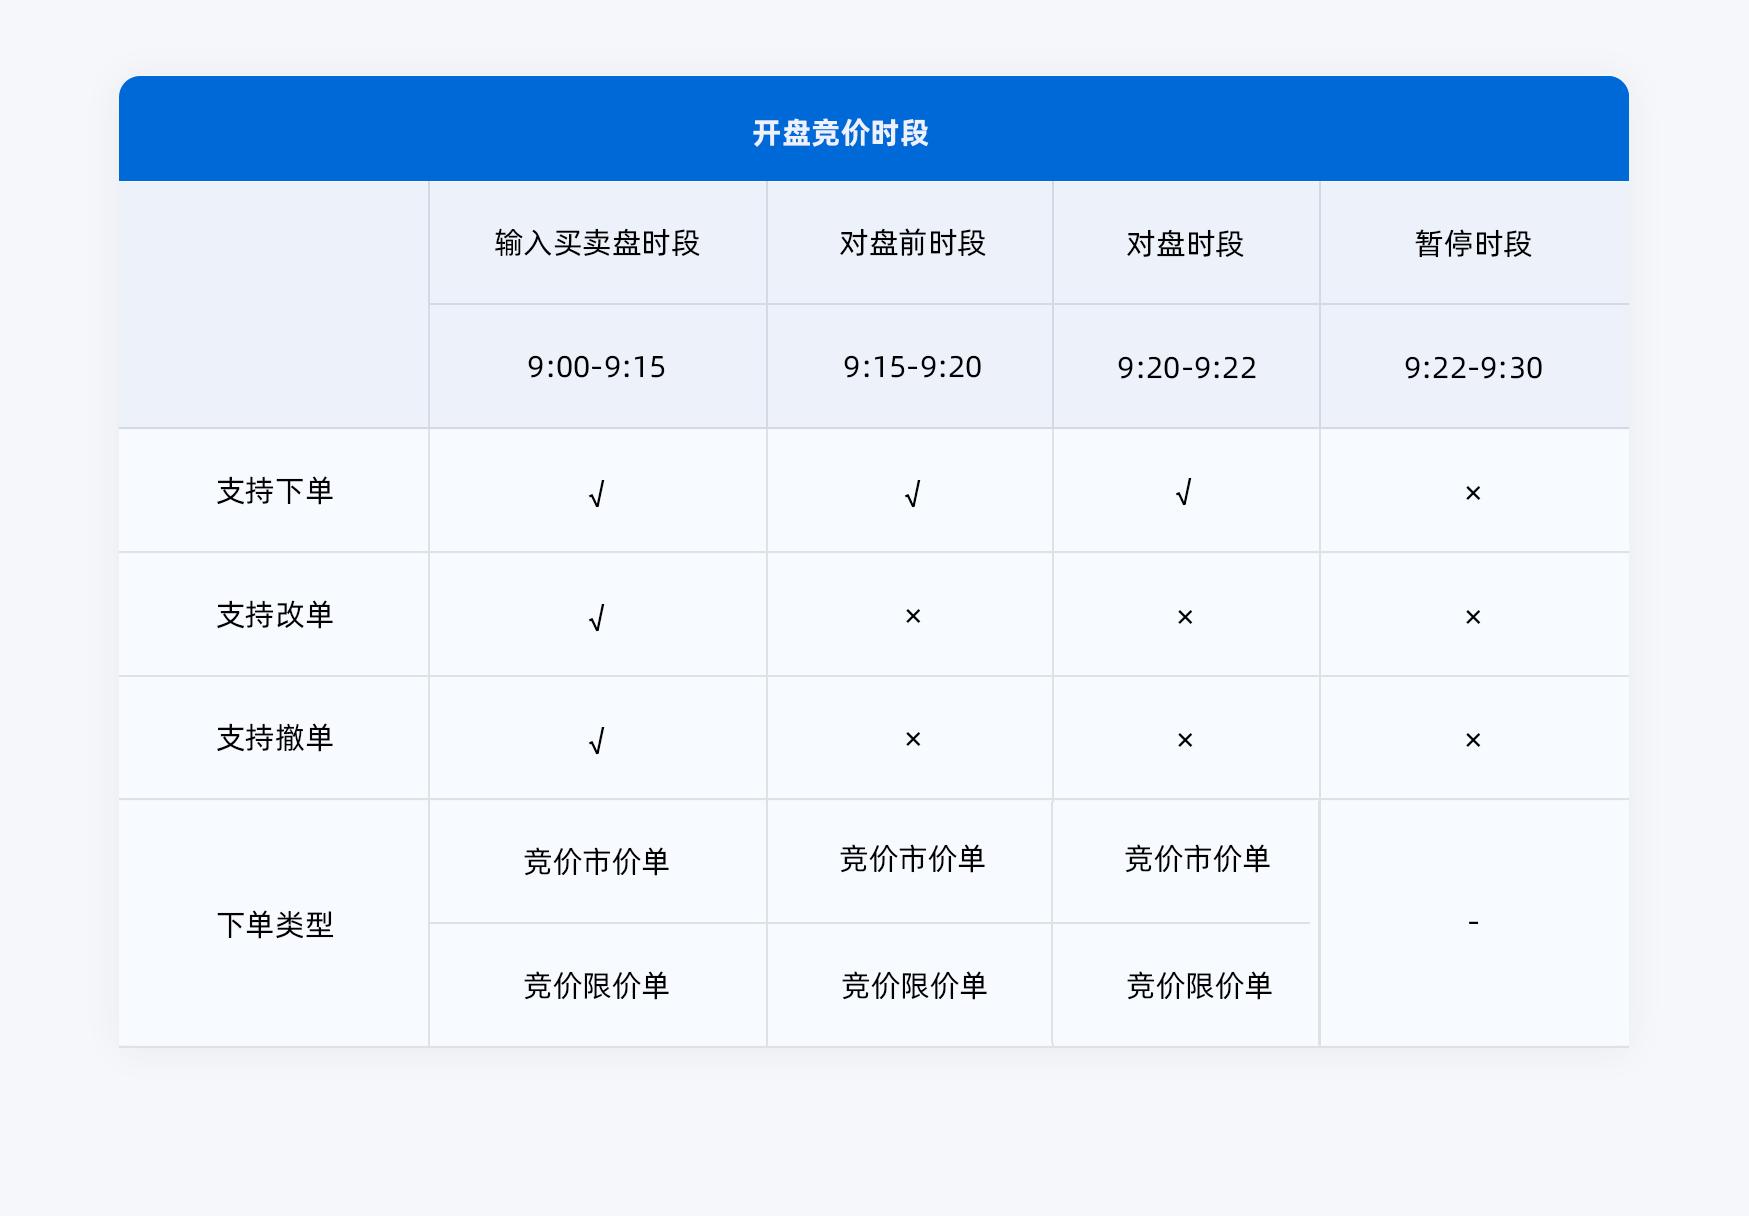 开盘竞价时段简体.png